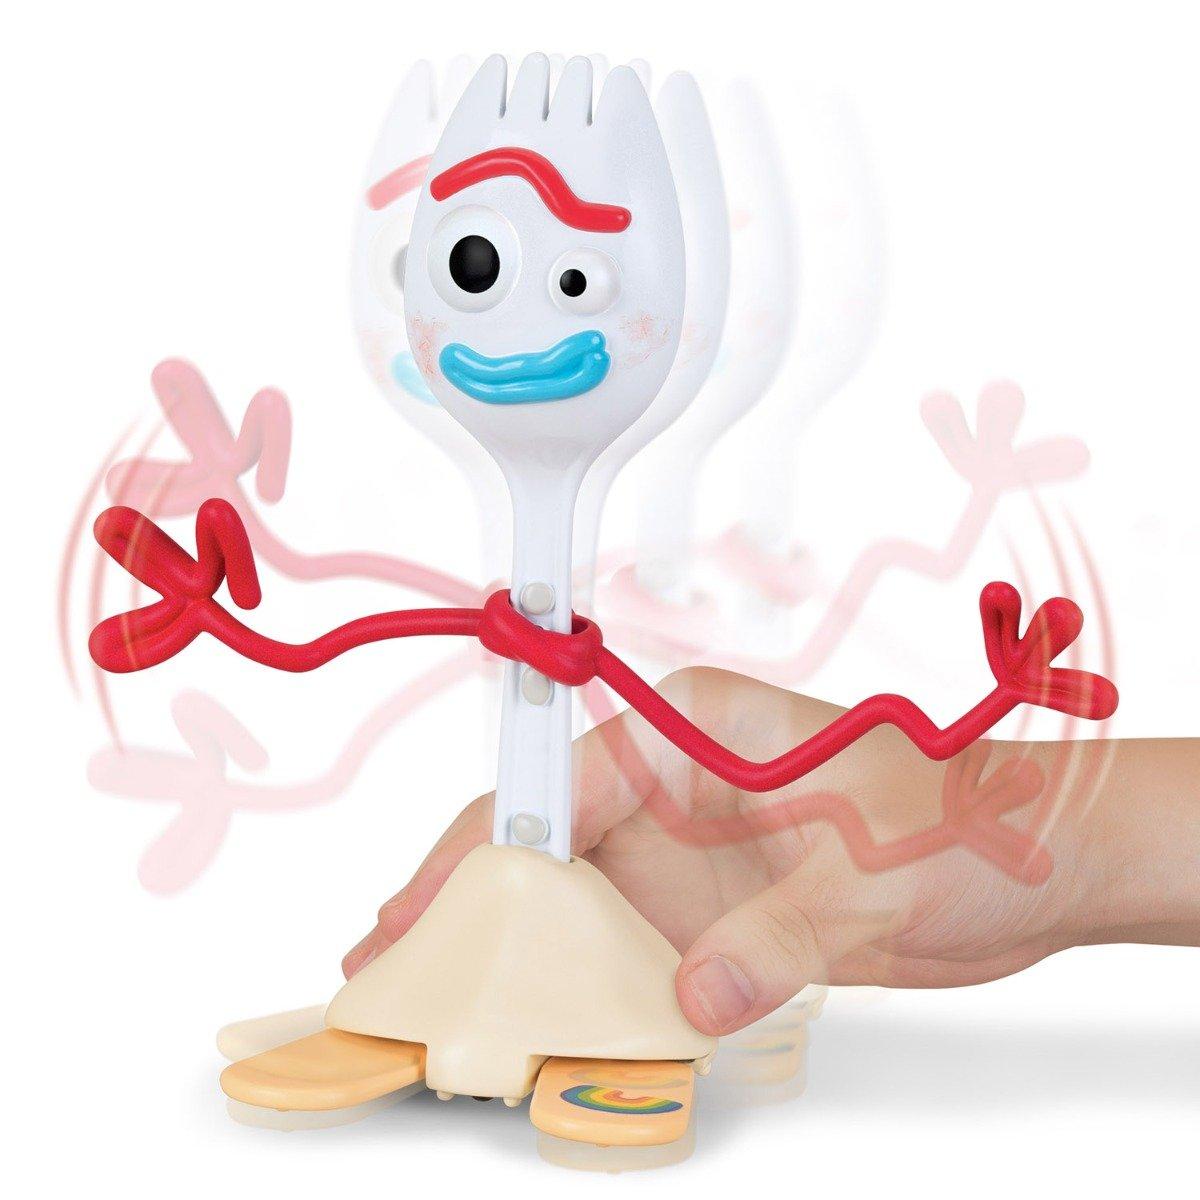 Figurina Toy Story 4, Forky imagine 2021